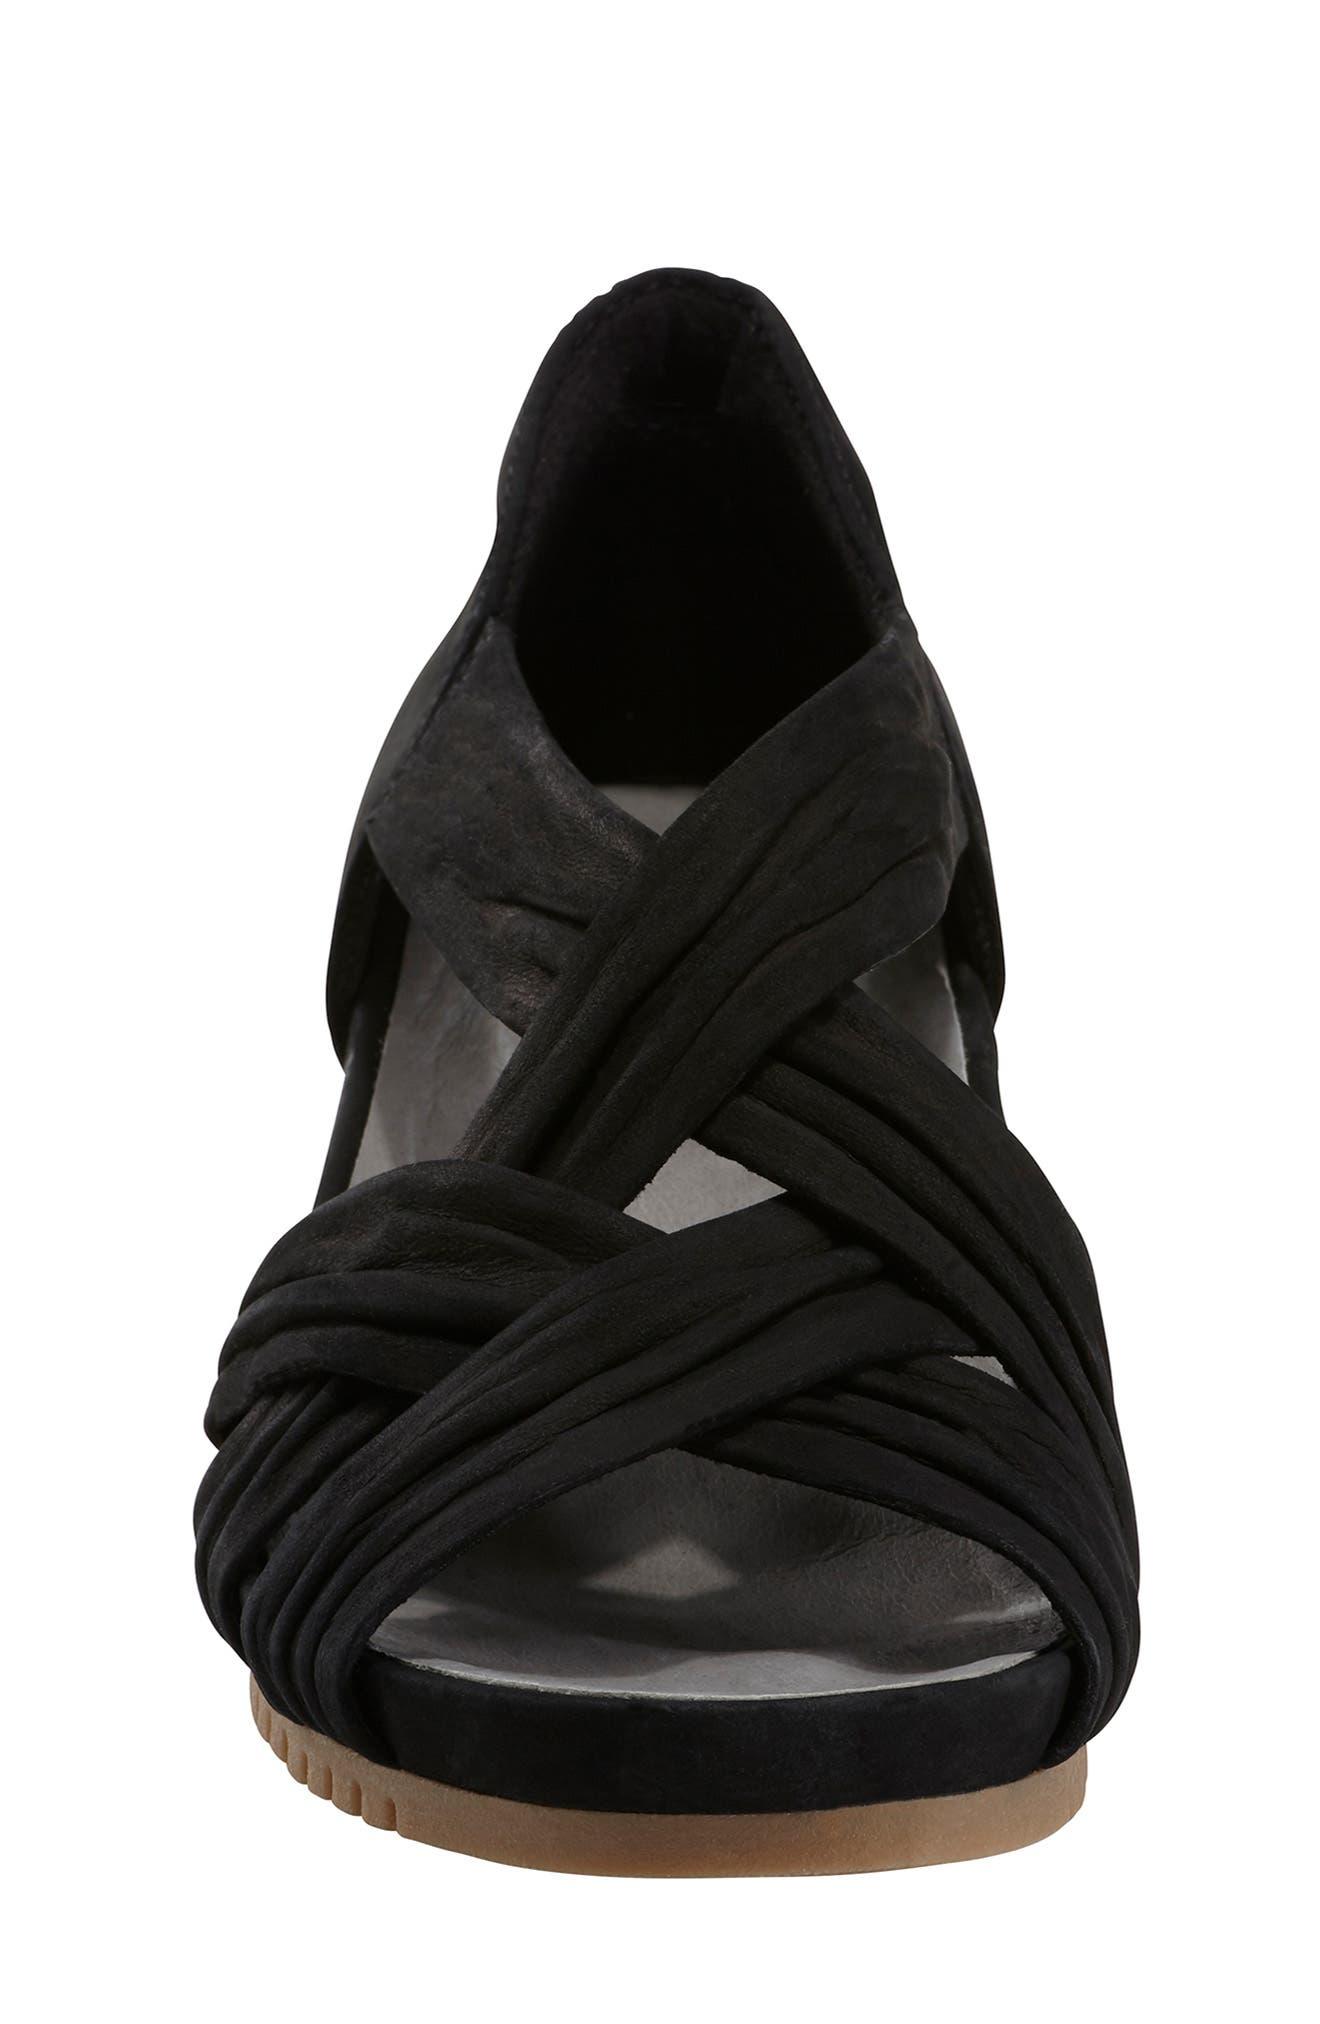 Gemini Sandal,                             Alternate thumbnail 4, color,                             BLACK LEATHER